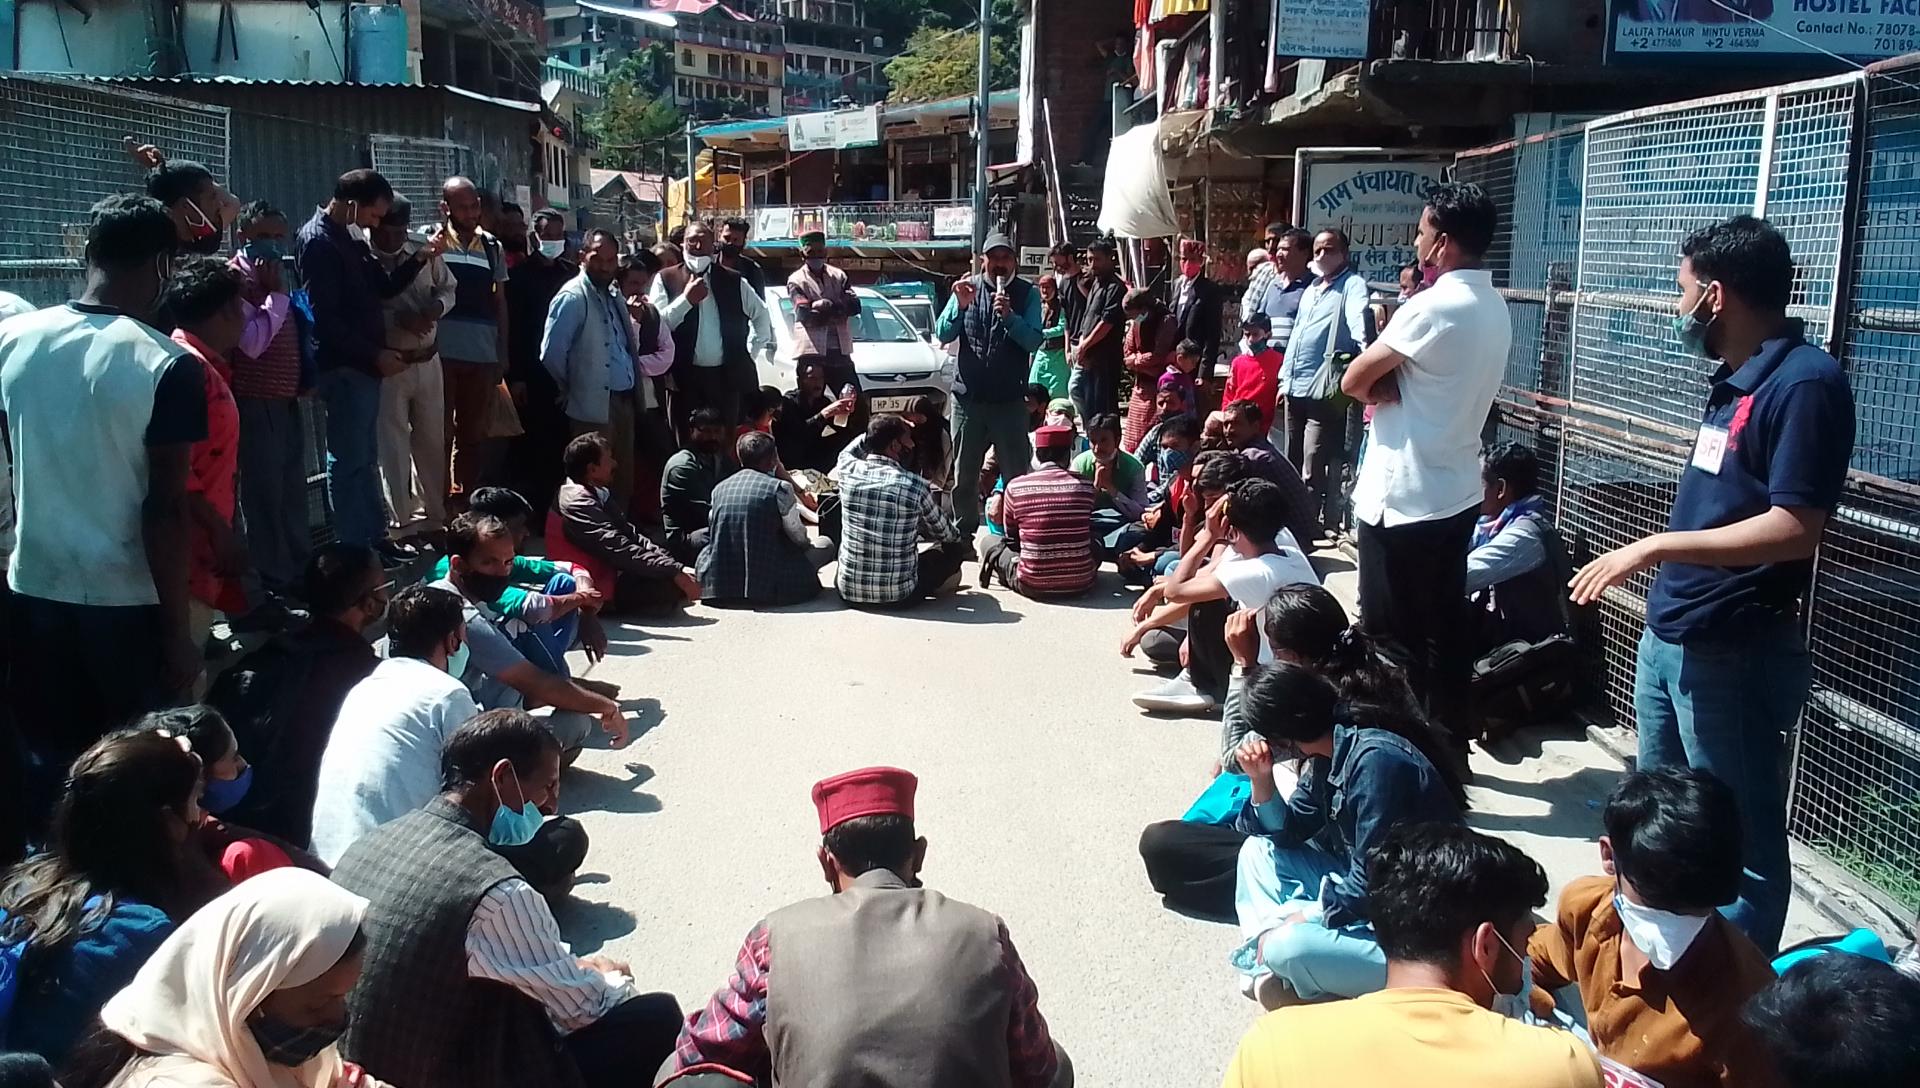 आनी में किसान संगठनों और सीपीआईएम ने  सयुंक्त प्रदर्शन कर किया चक्का जाम